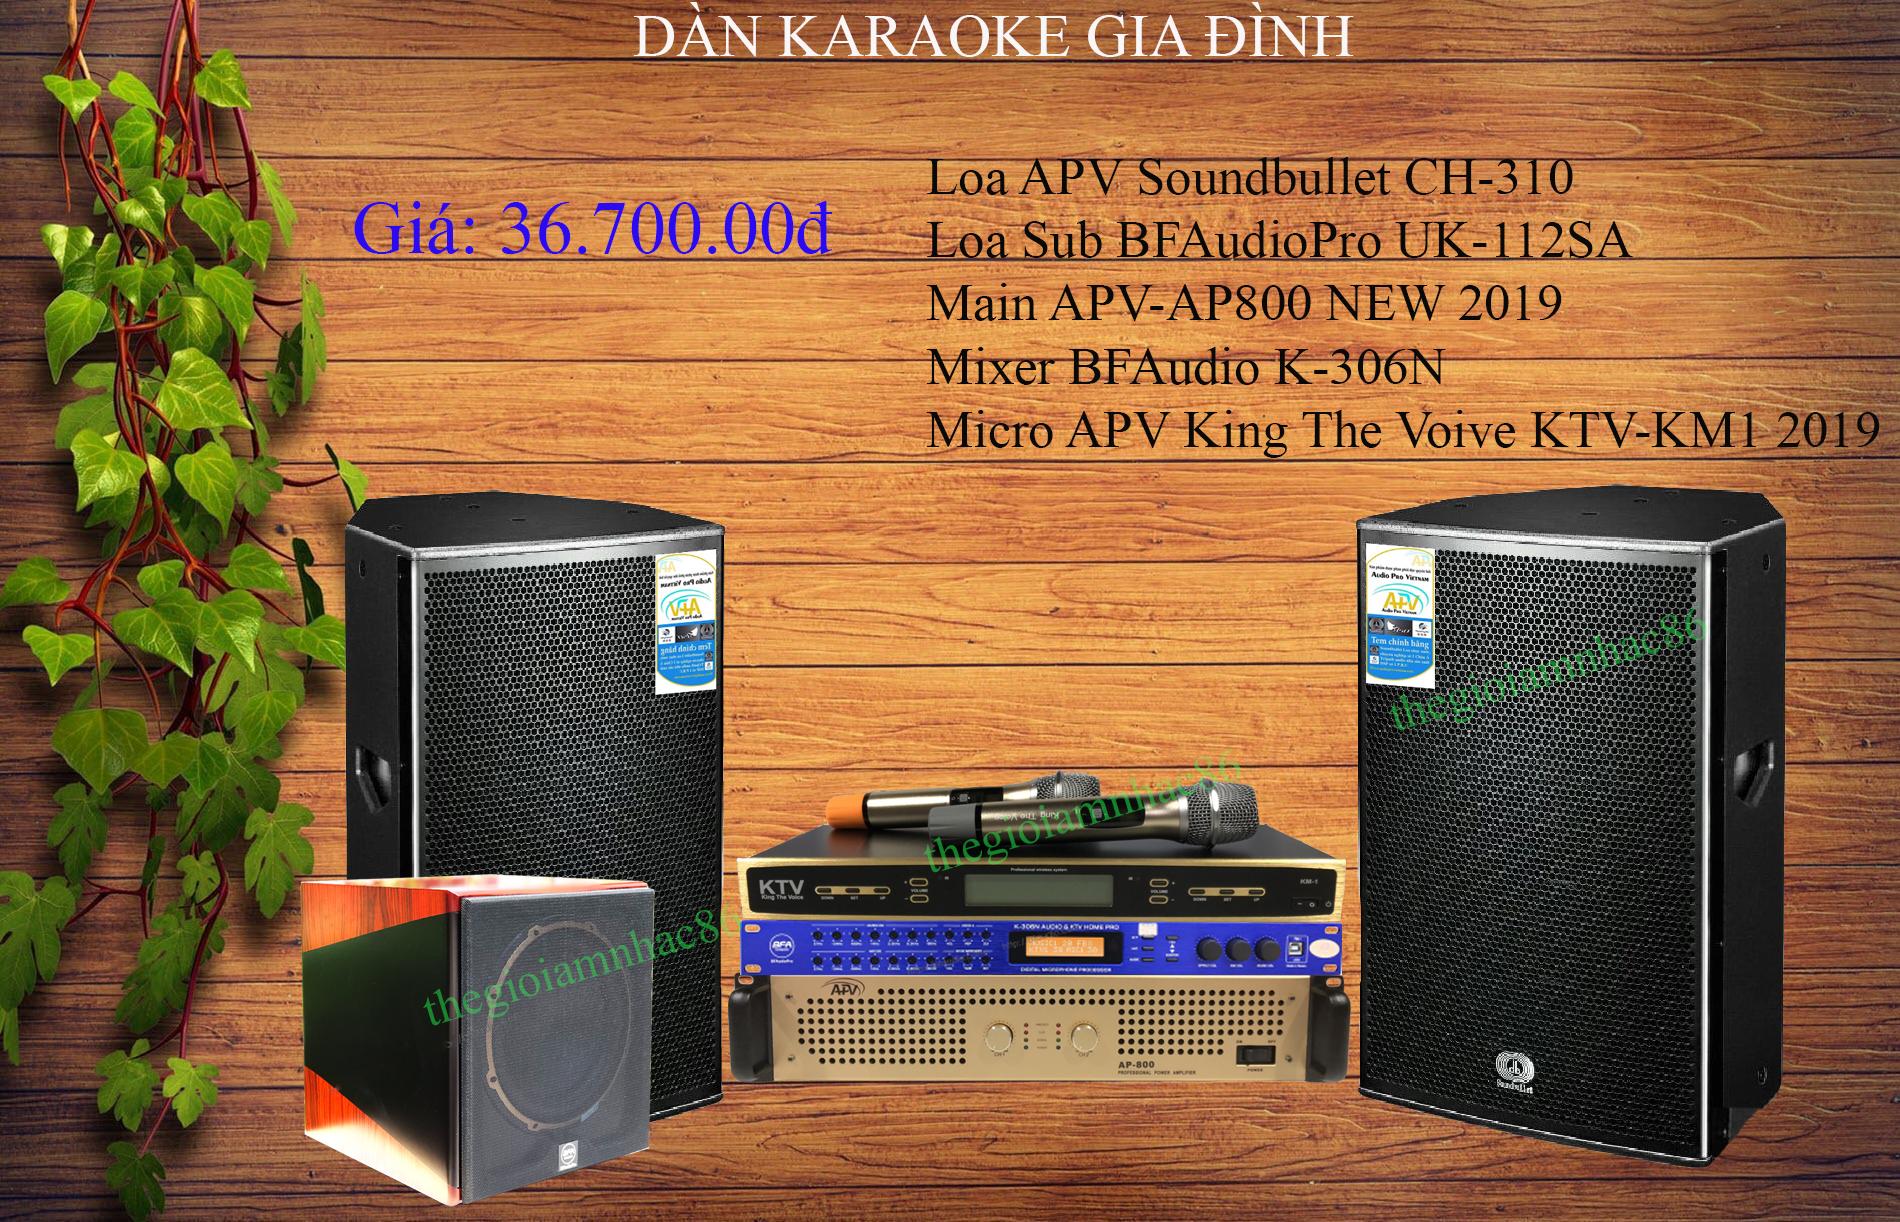 Dàn Karaoke Gia Đình xu hướng 2020